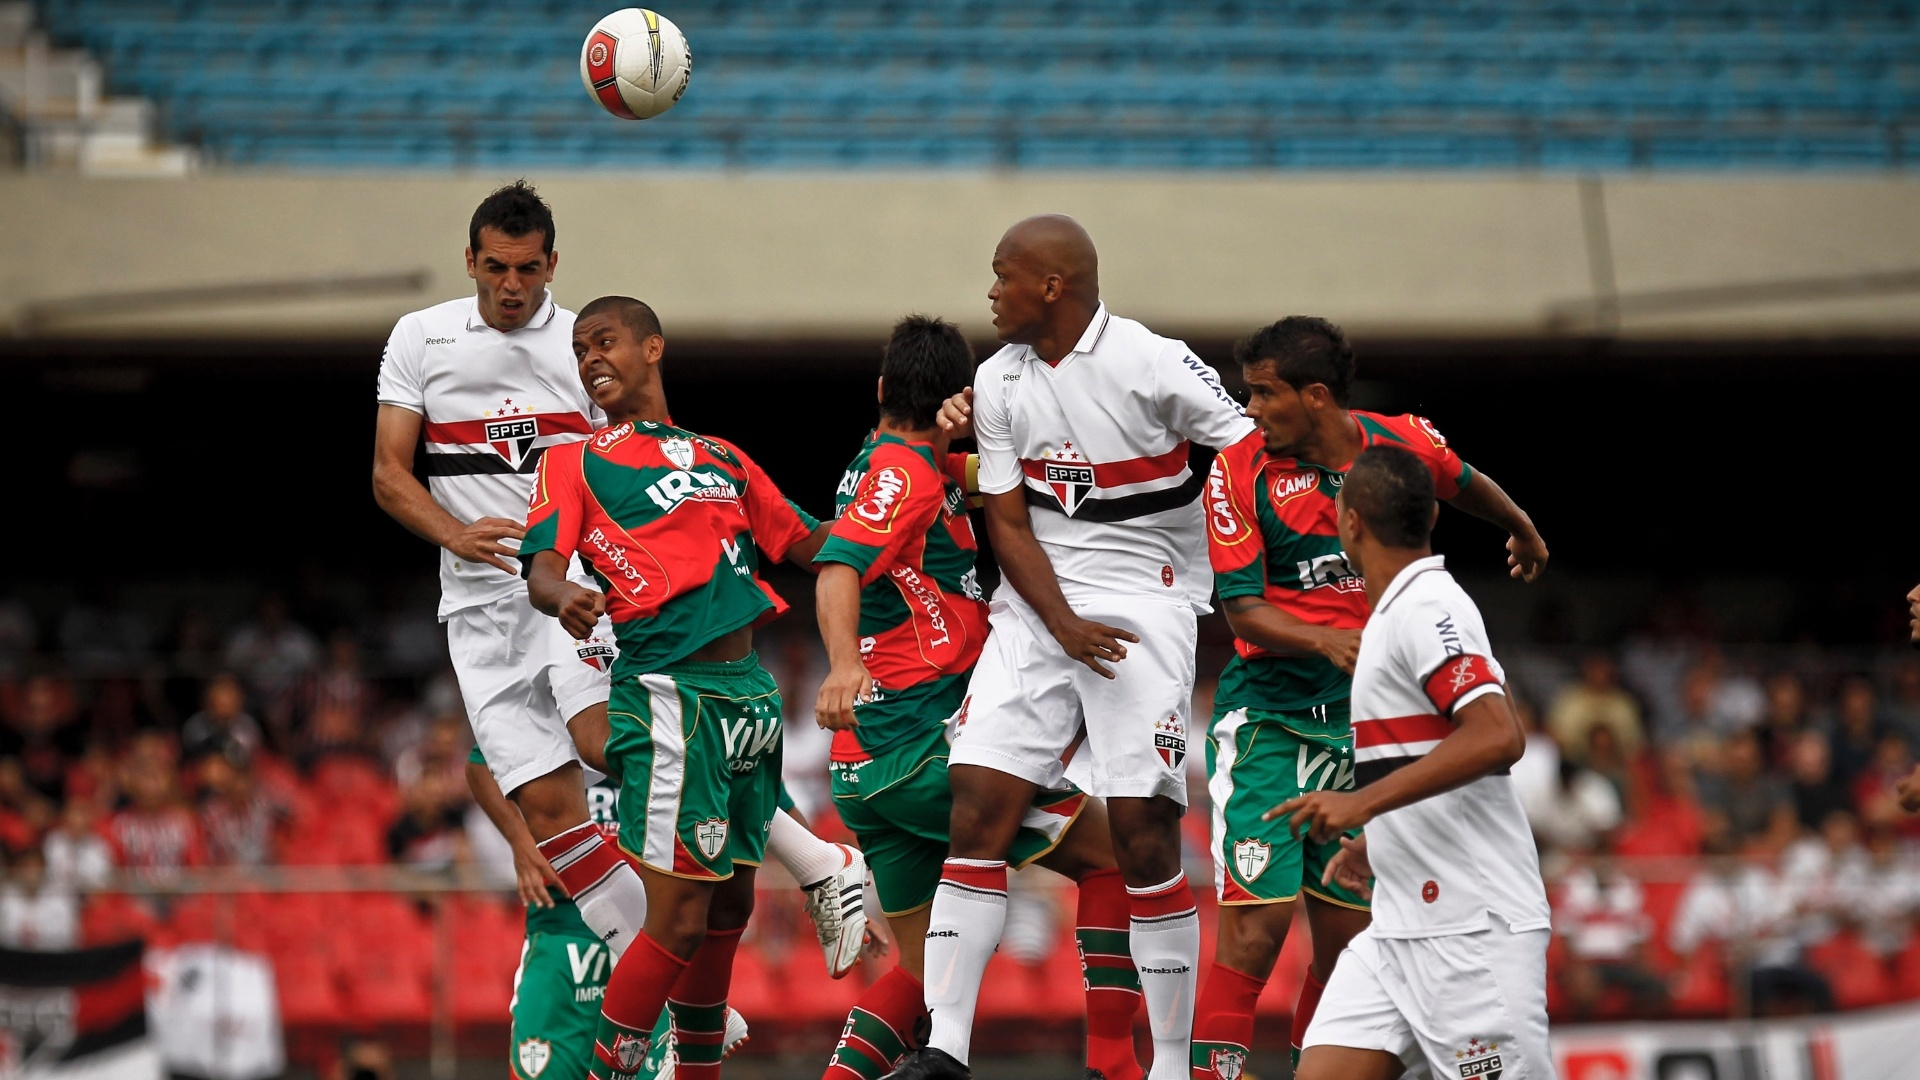 Jogadores do São Paulo e da Portuguesa brigam pela bola em jogada aérea